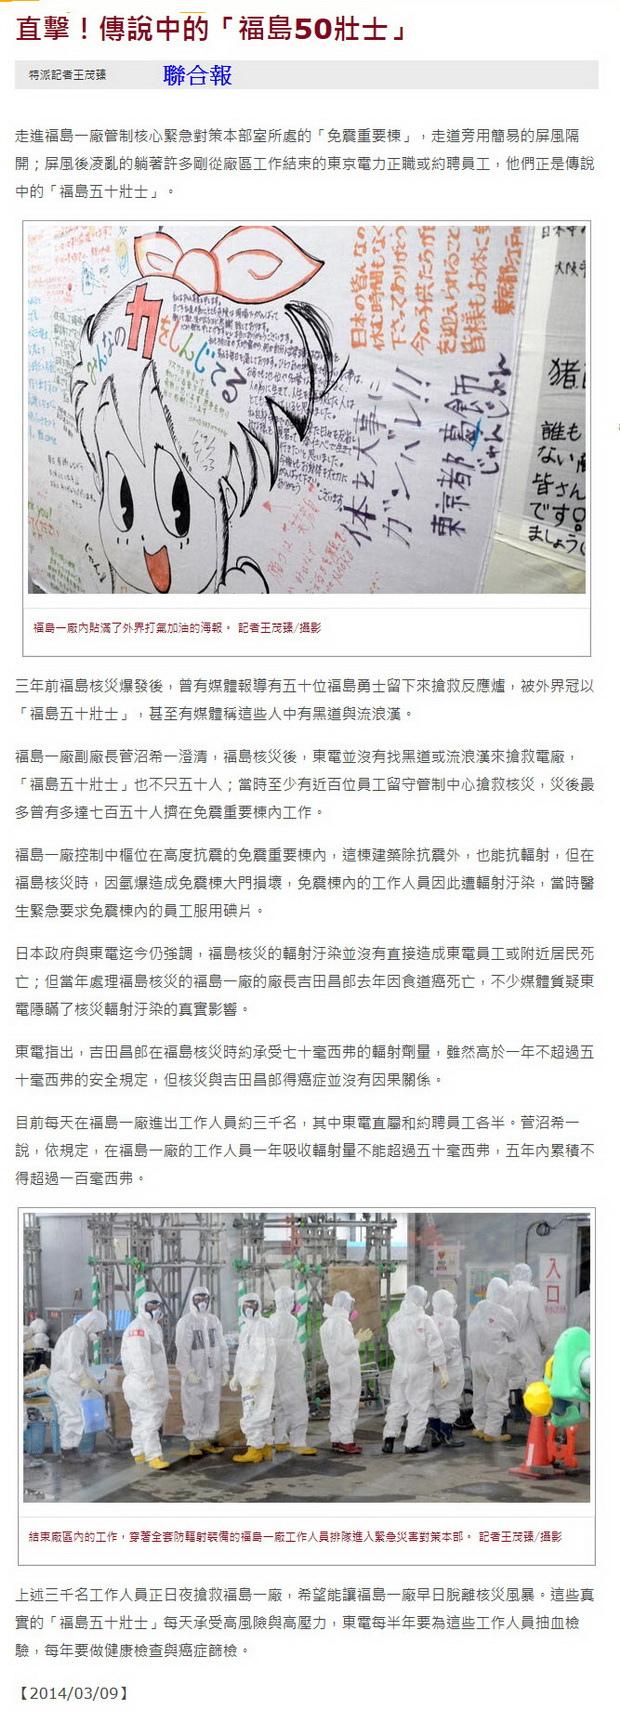 直擊!傳說中的「福島50壯士」-2014.03.09.jpg